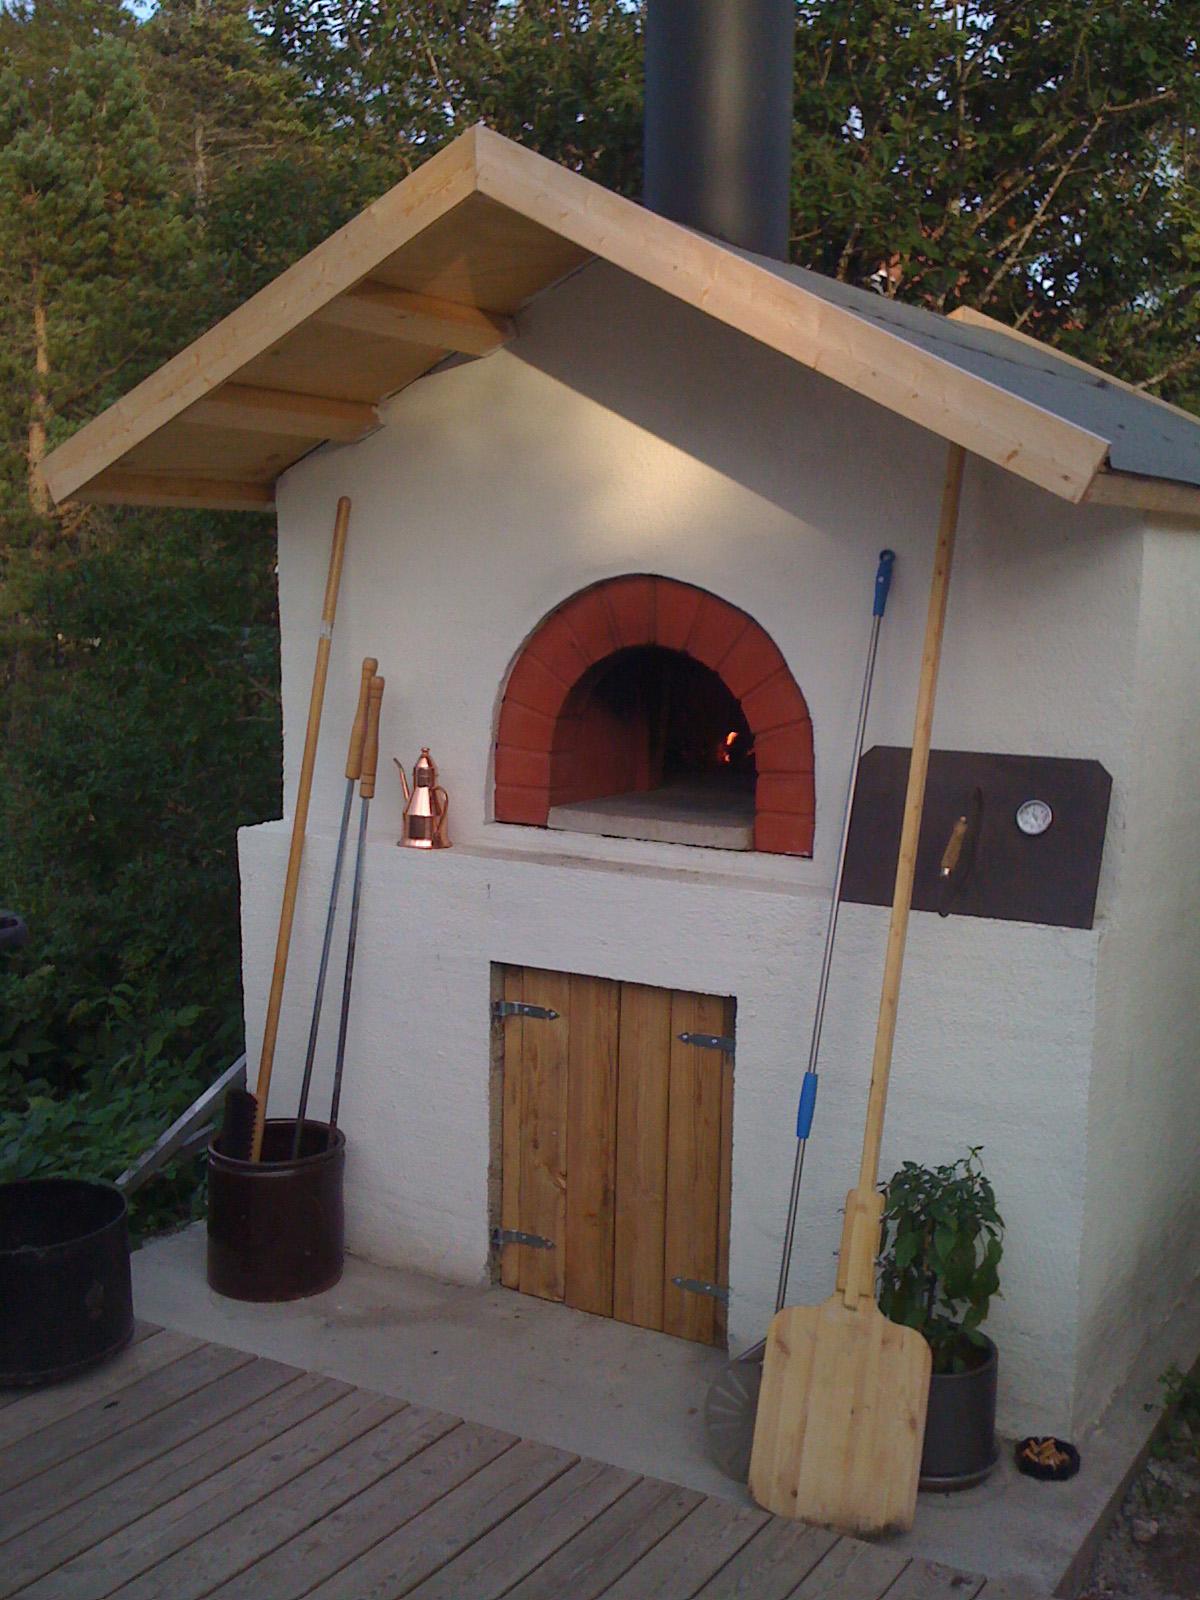 Forno a legna domestico napoli zio ciro forni a legna for Forno zio ciro